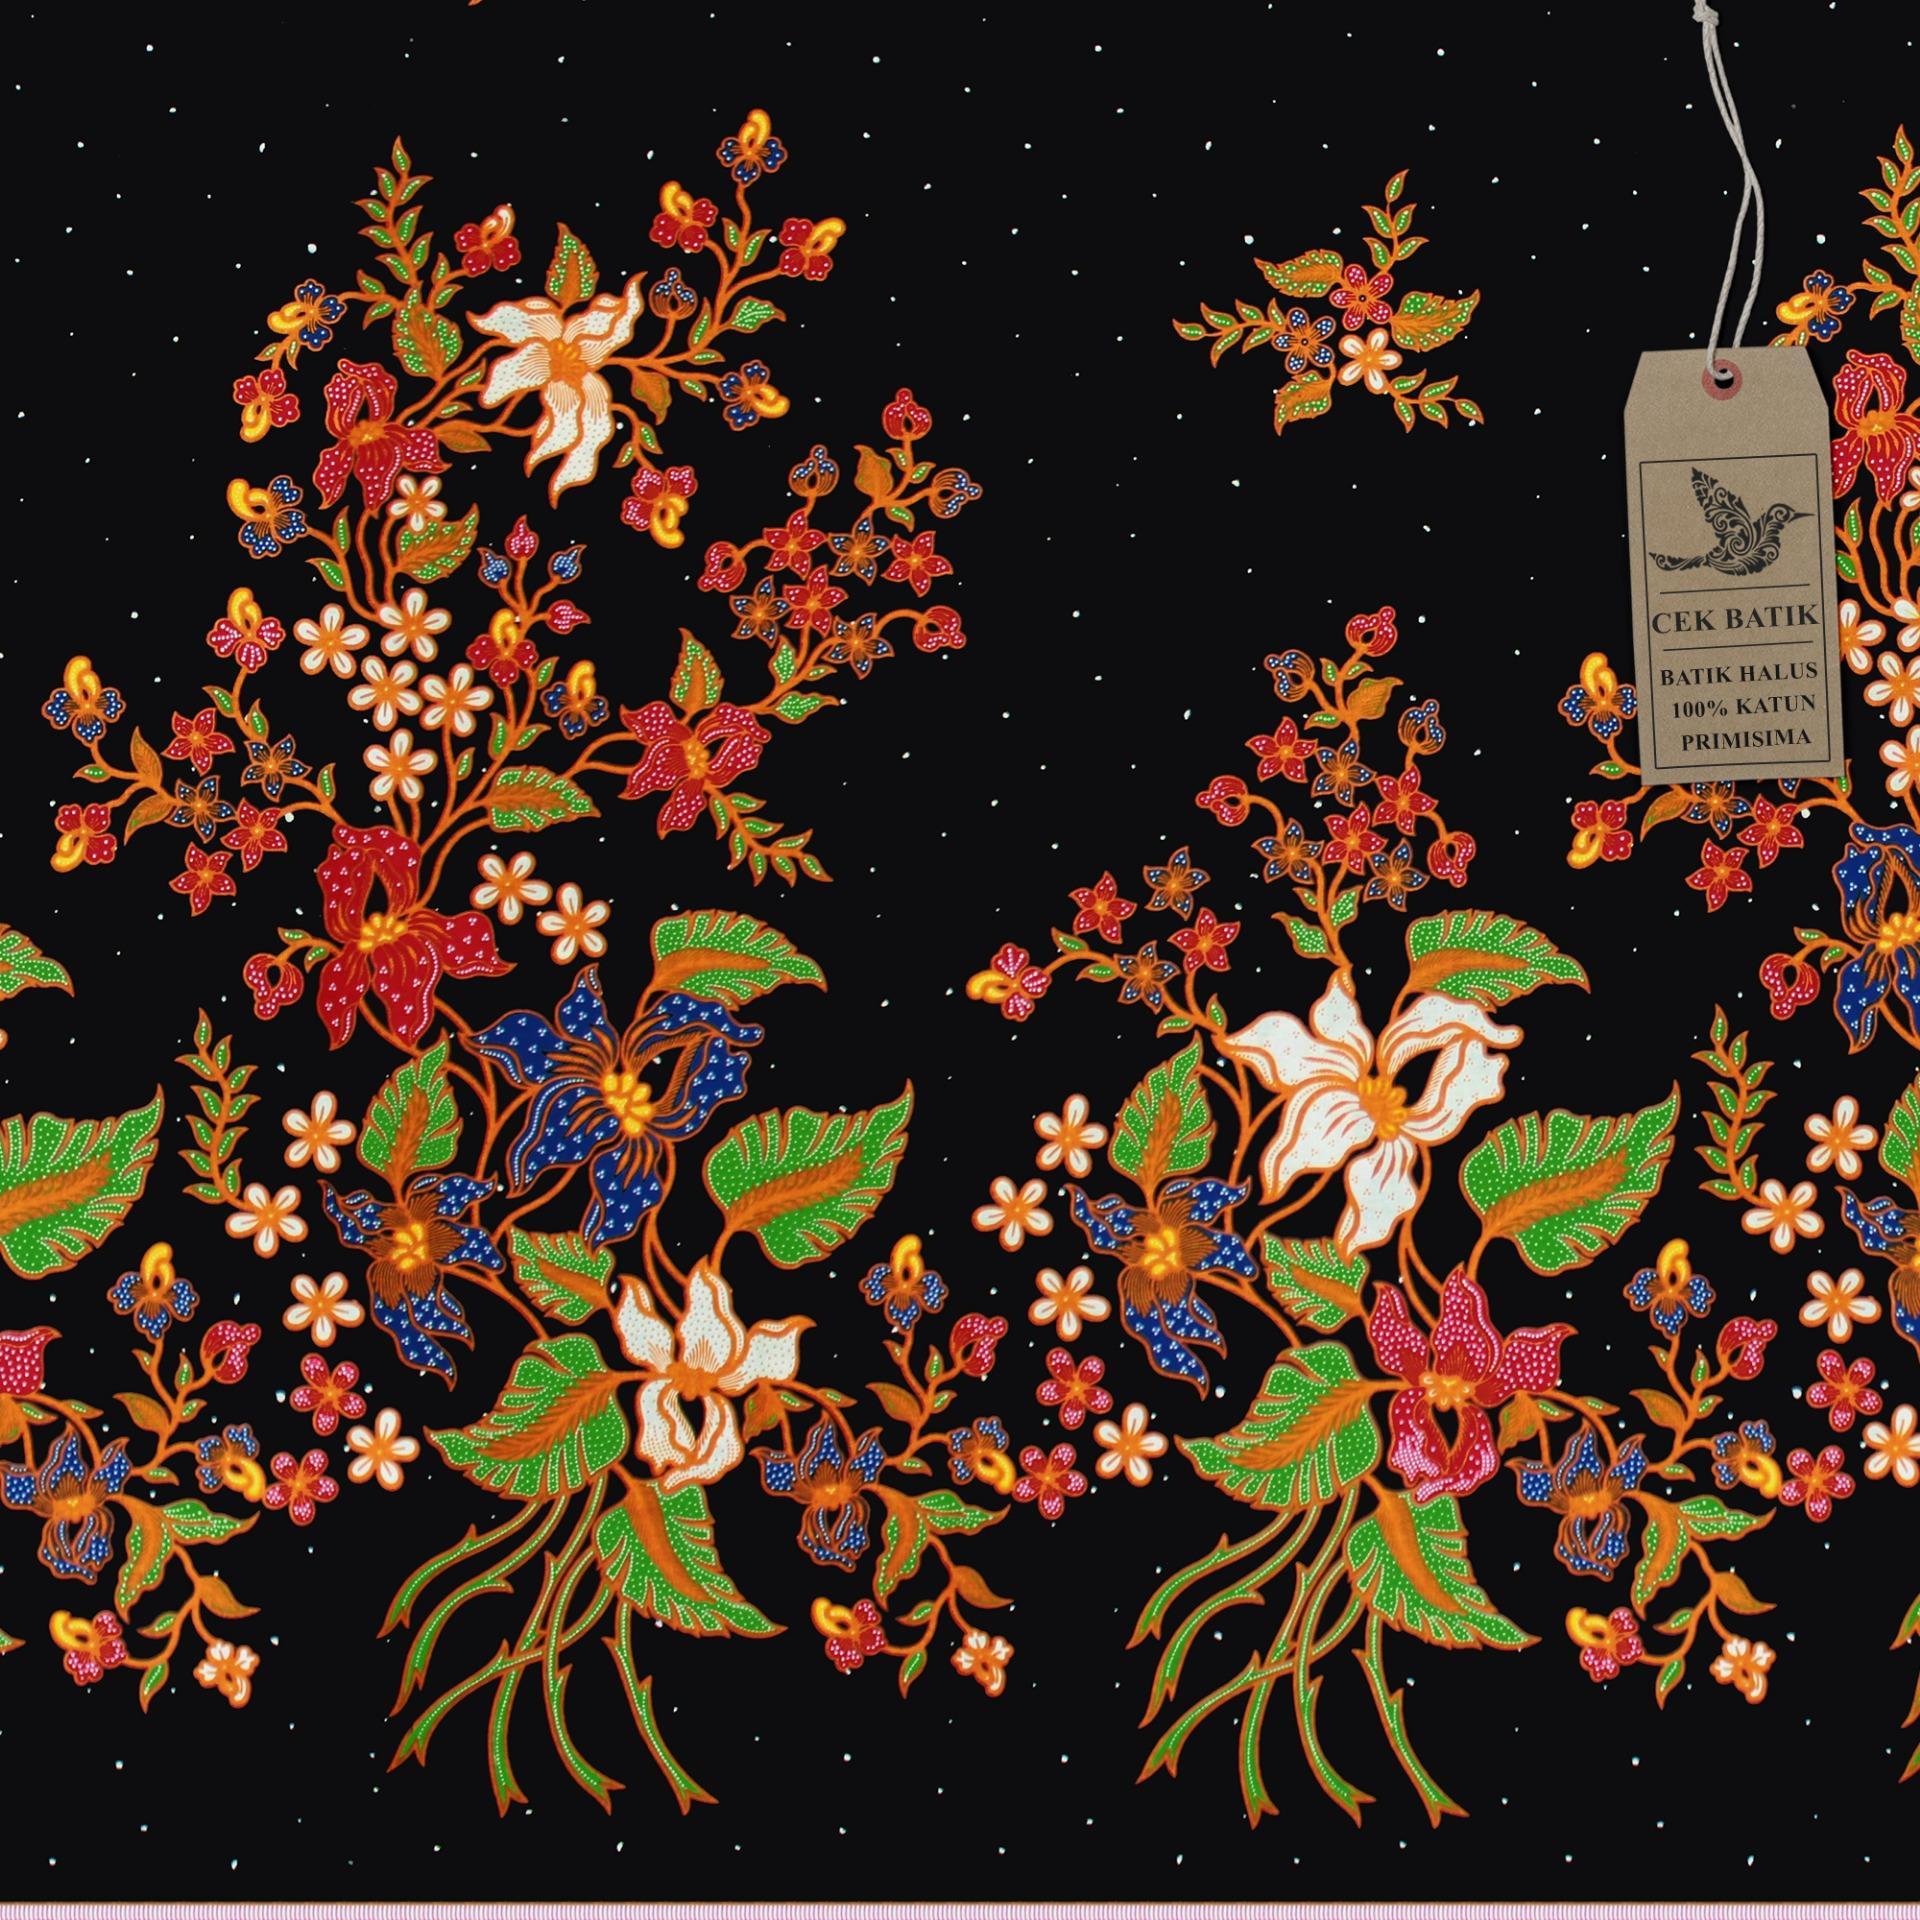 Cek Batik - Kain Motif Pesona Batik Bunga Manis